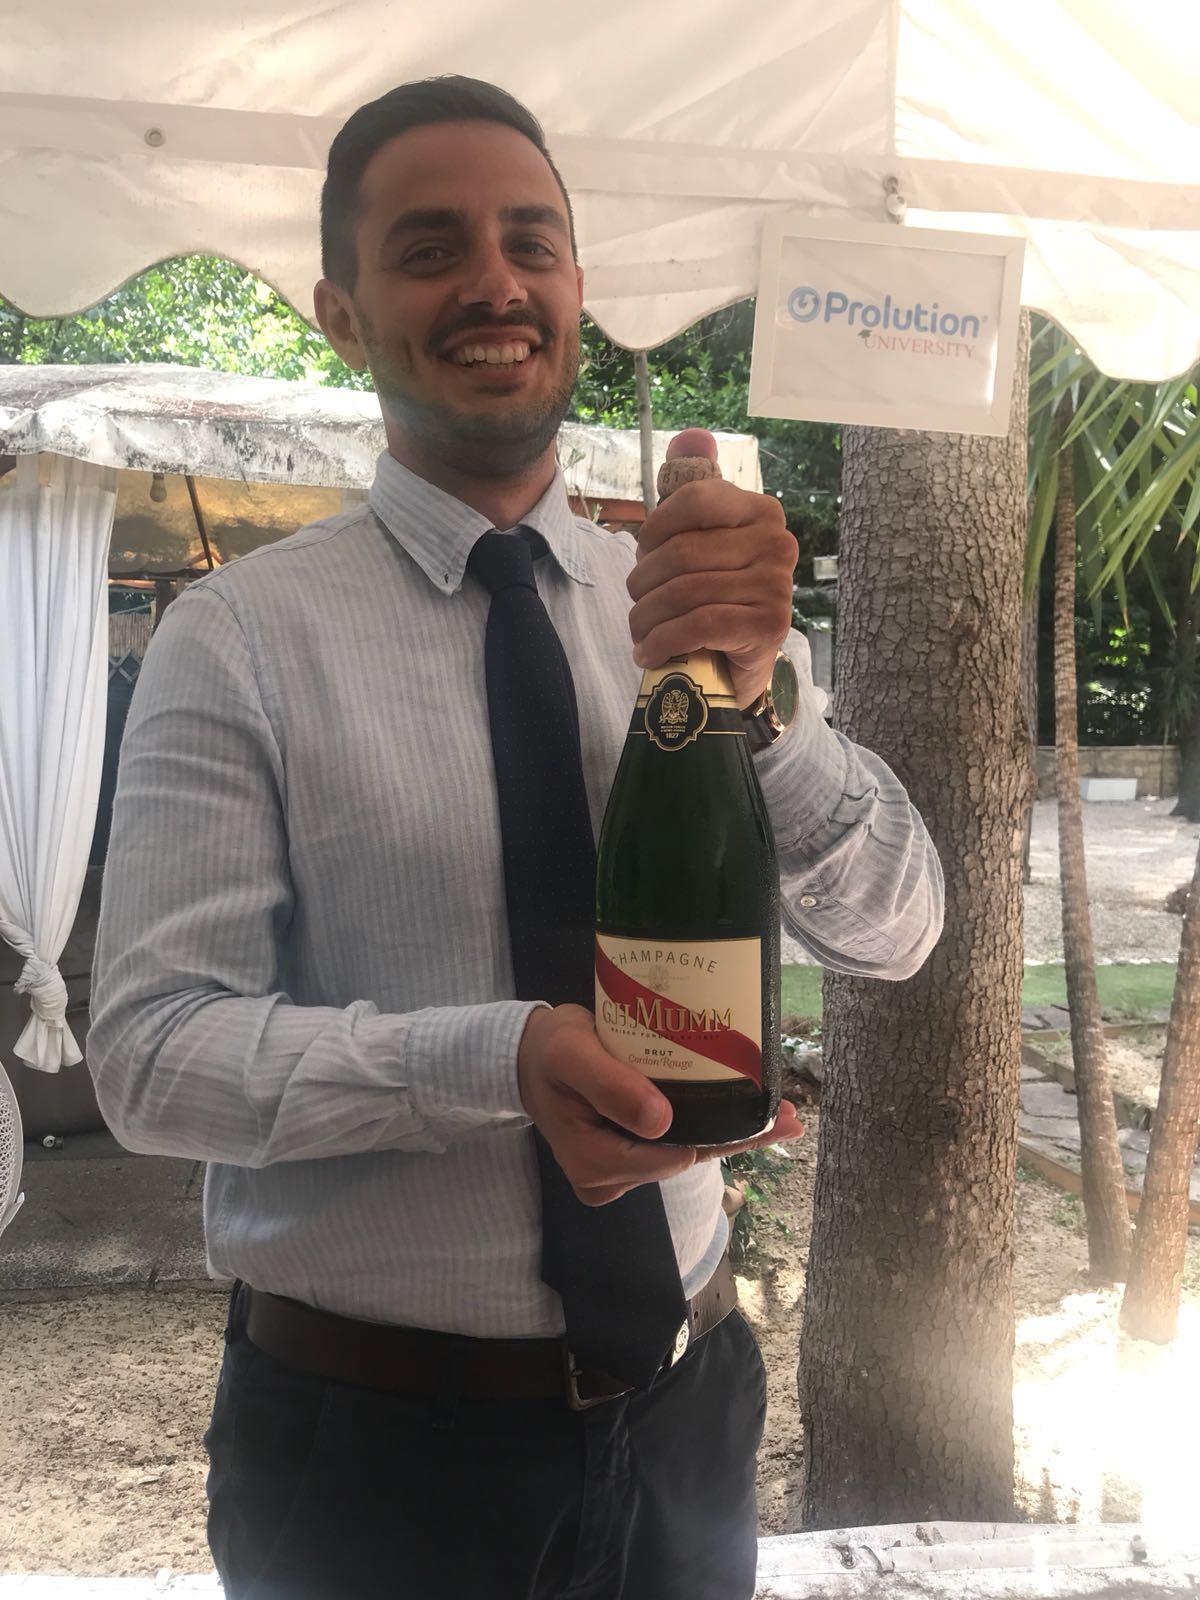 IMMAGINE Anche tu come il buon Fabio hai qualcosa da festeggiare questa sera?!